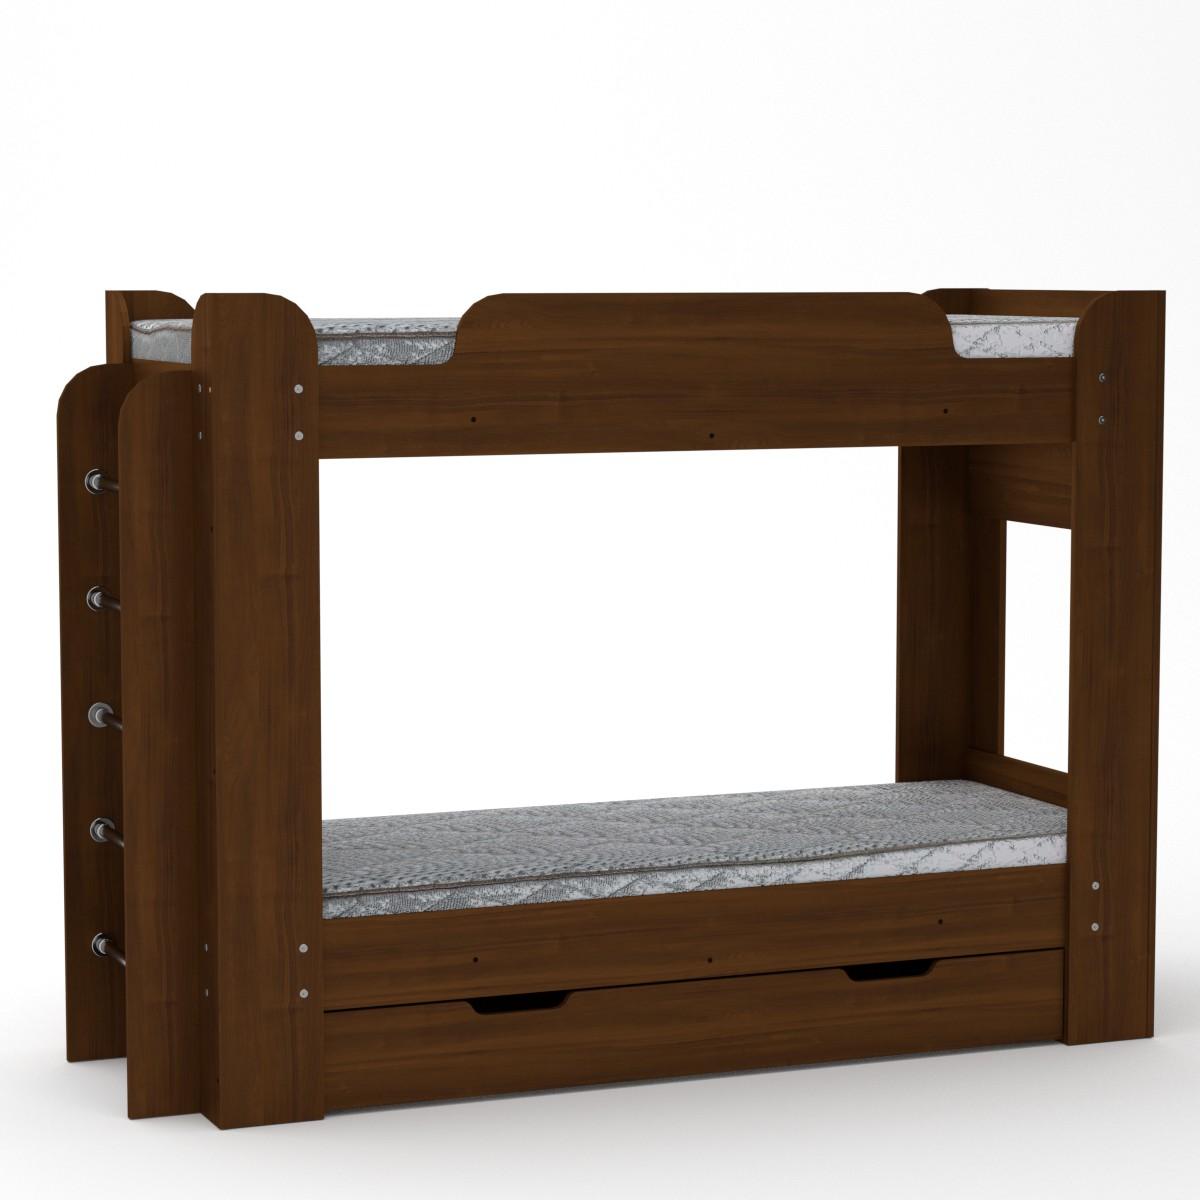 Двухъярусная кровать Твикс цвет орех экко